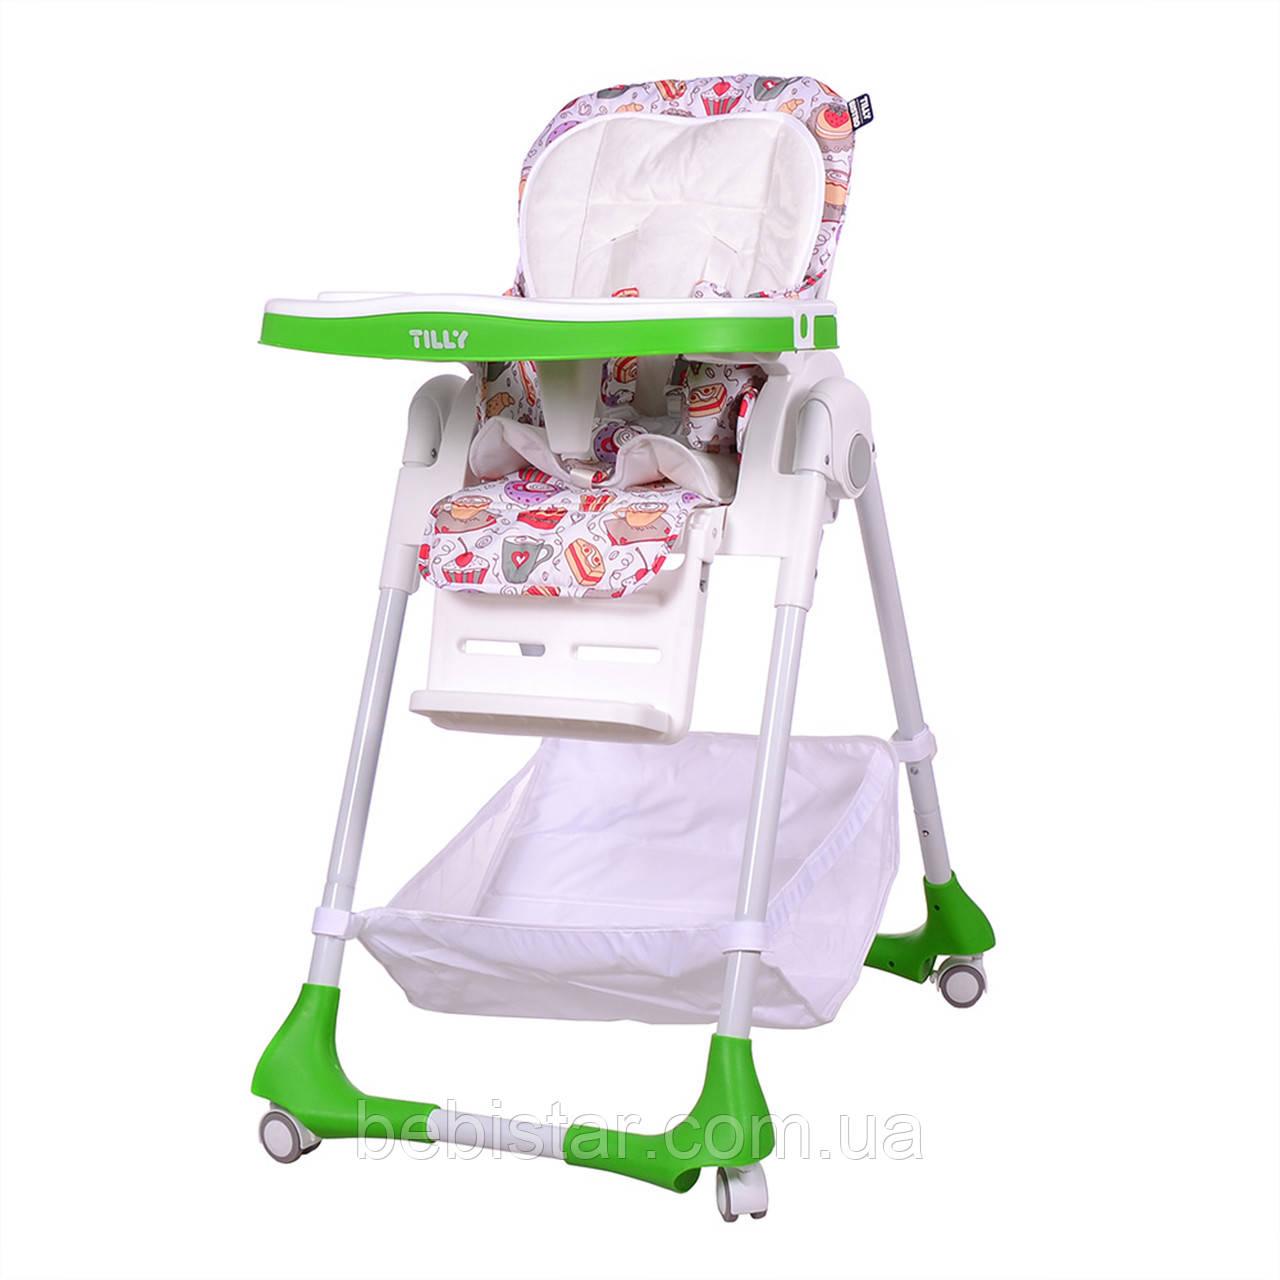 Стульчик для кормления зеленый TILLY Bistro T-641/1 Green деткам от 6 месяцев